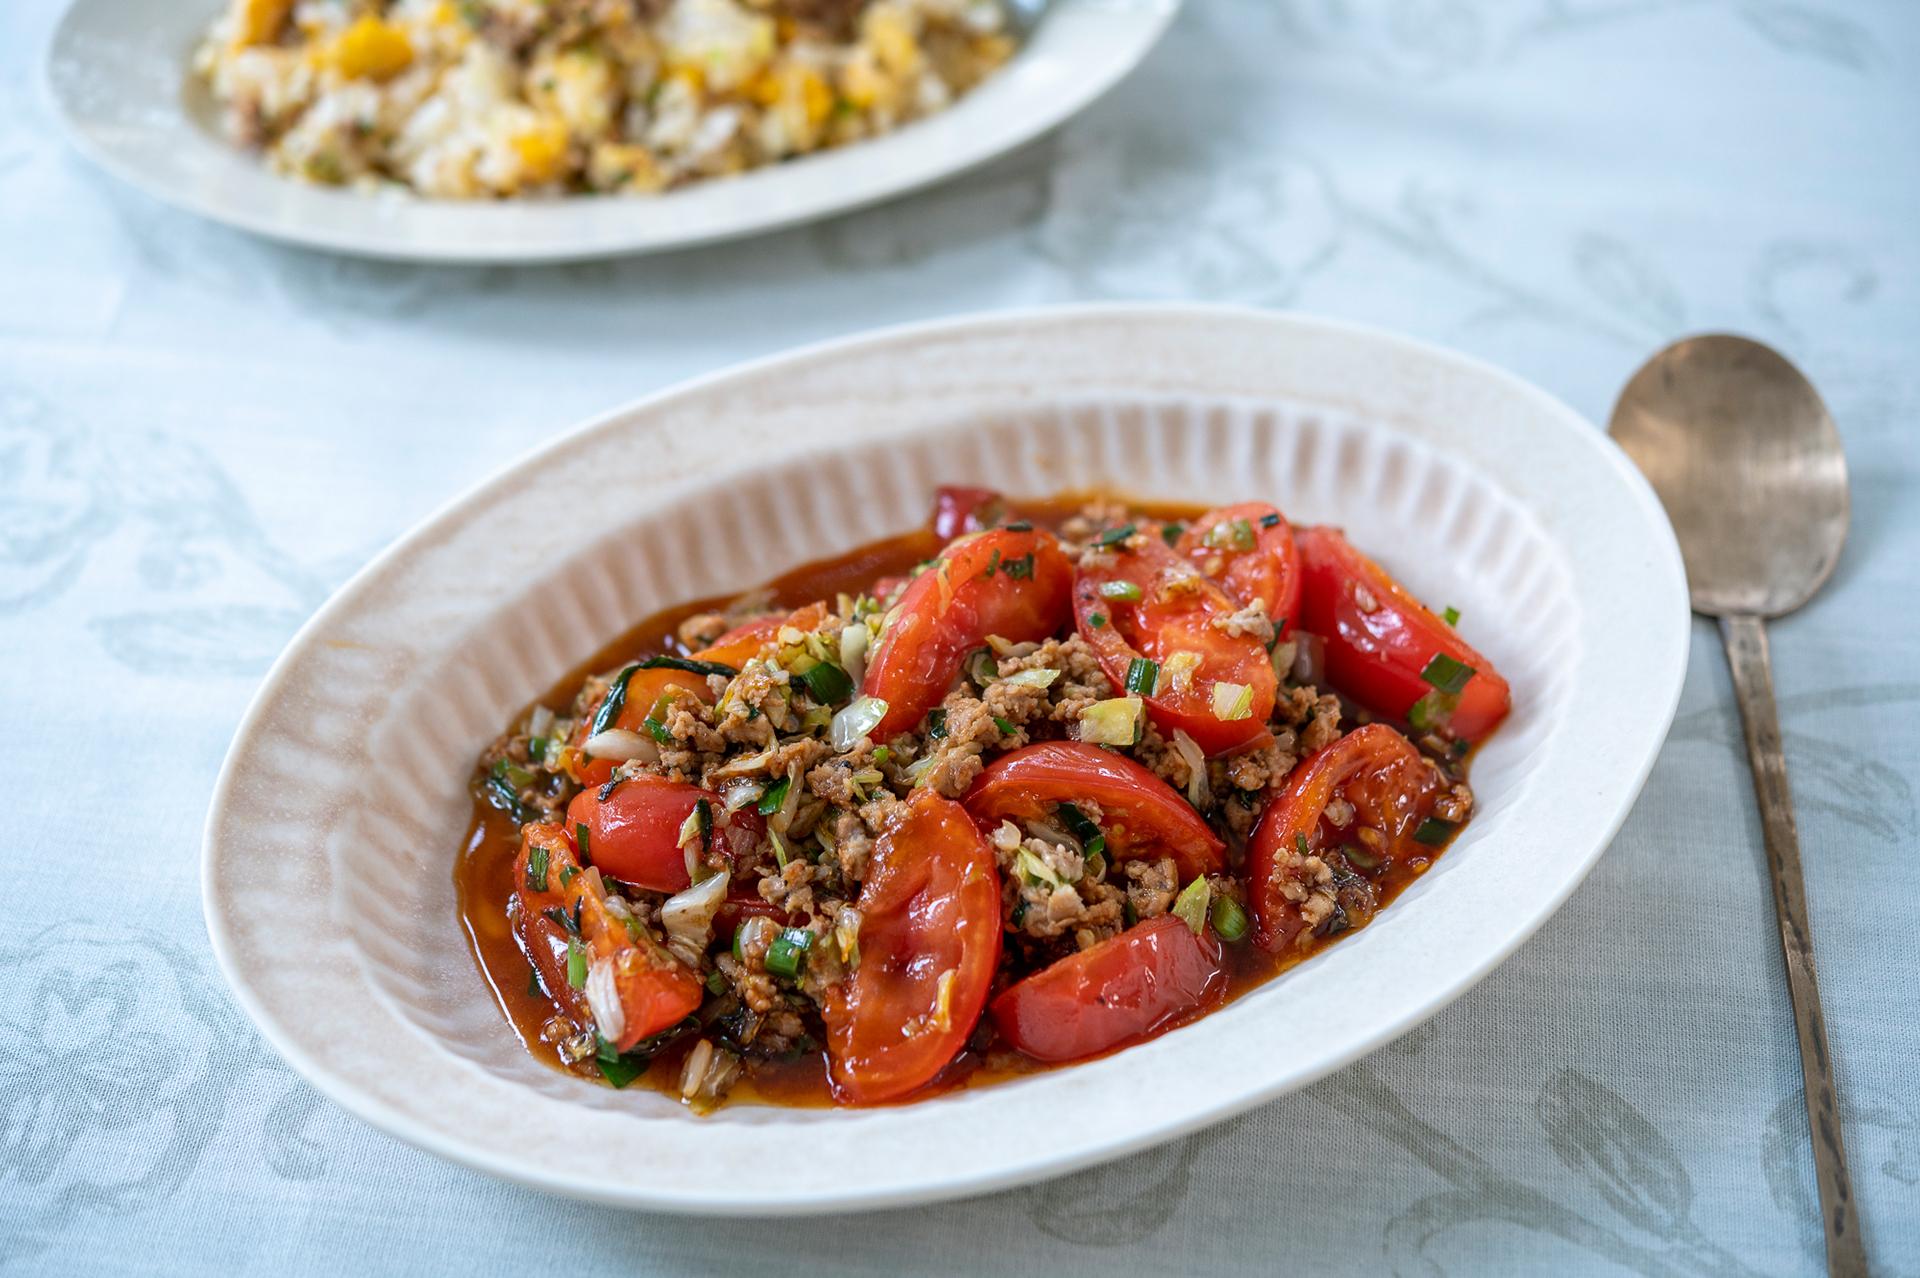 残った餃子のタネの活かし方2選 「簡単炒飯」と「トマト野菜炒め」